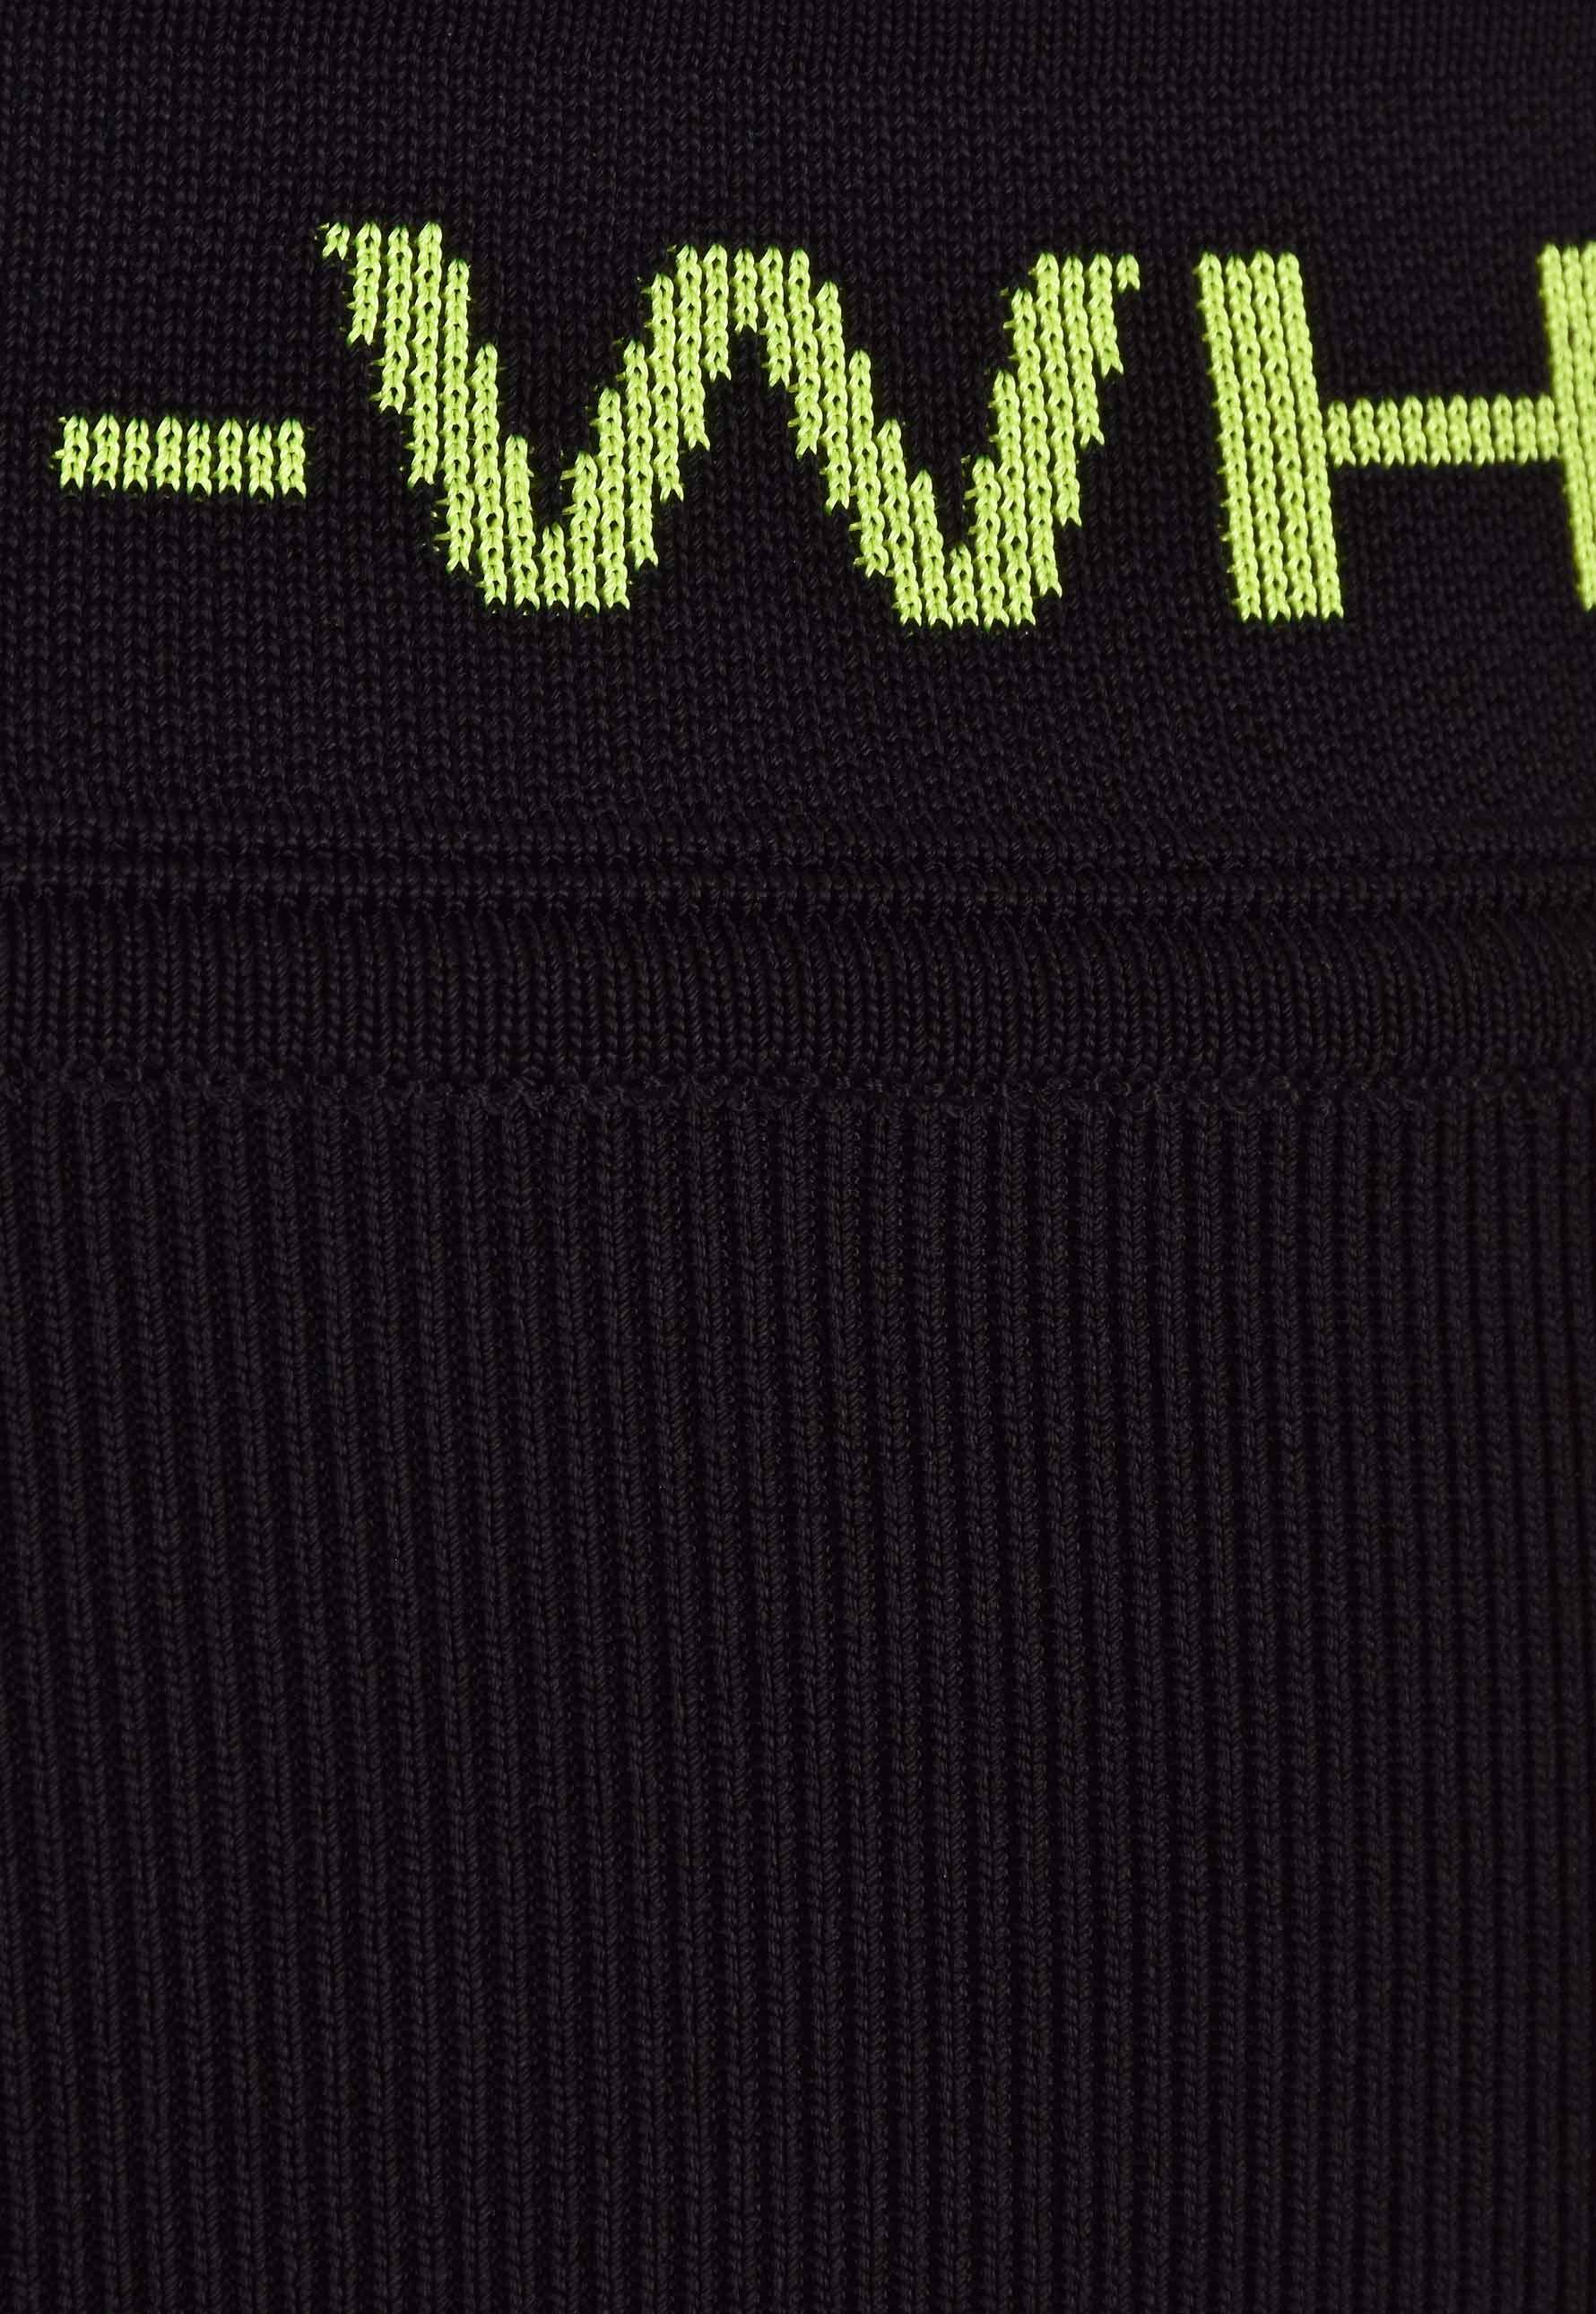 fcbaa5f5f2 Off-White c/o Virgil Abloh - Knitted Mini Skirt Black - Lyst. View  fullscreen